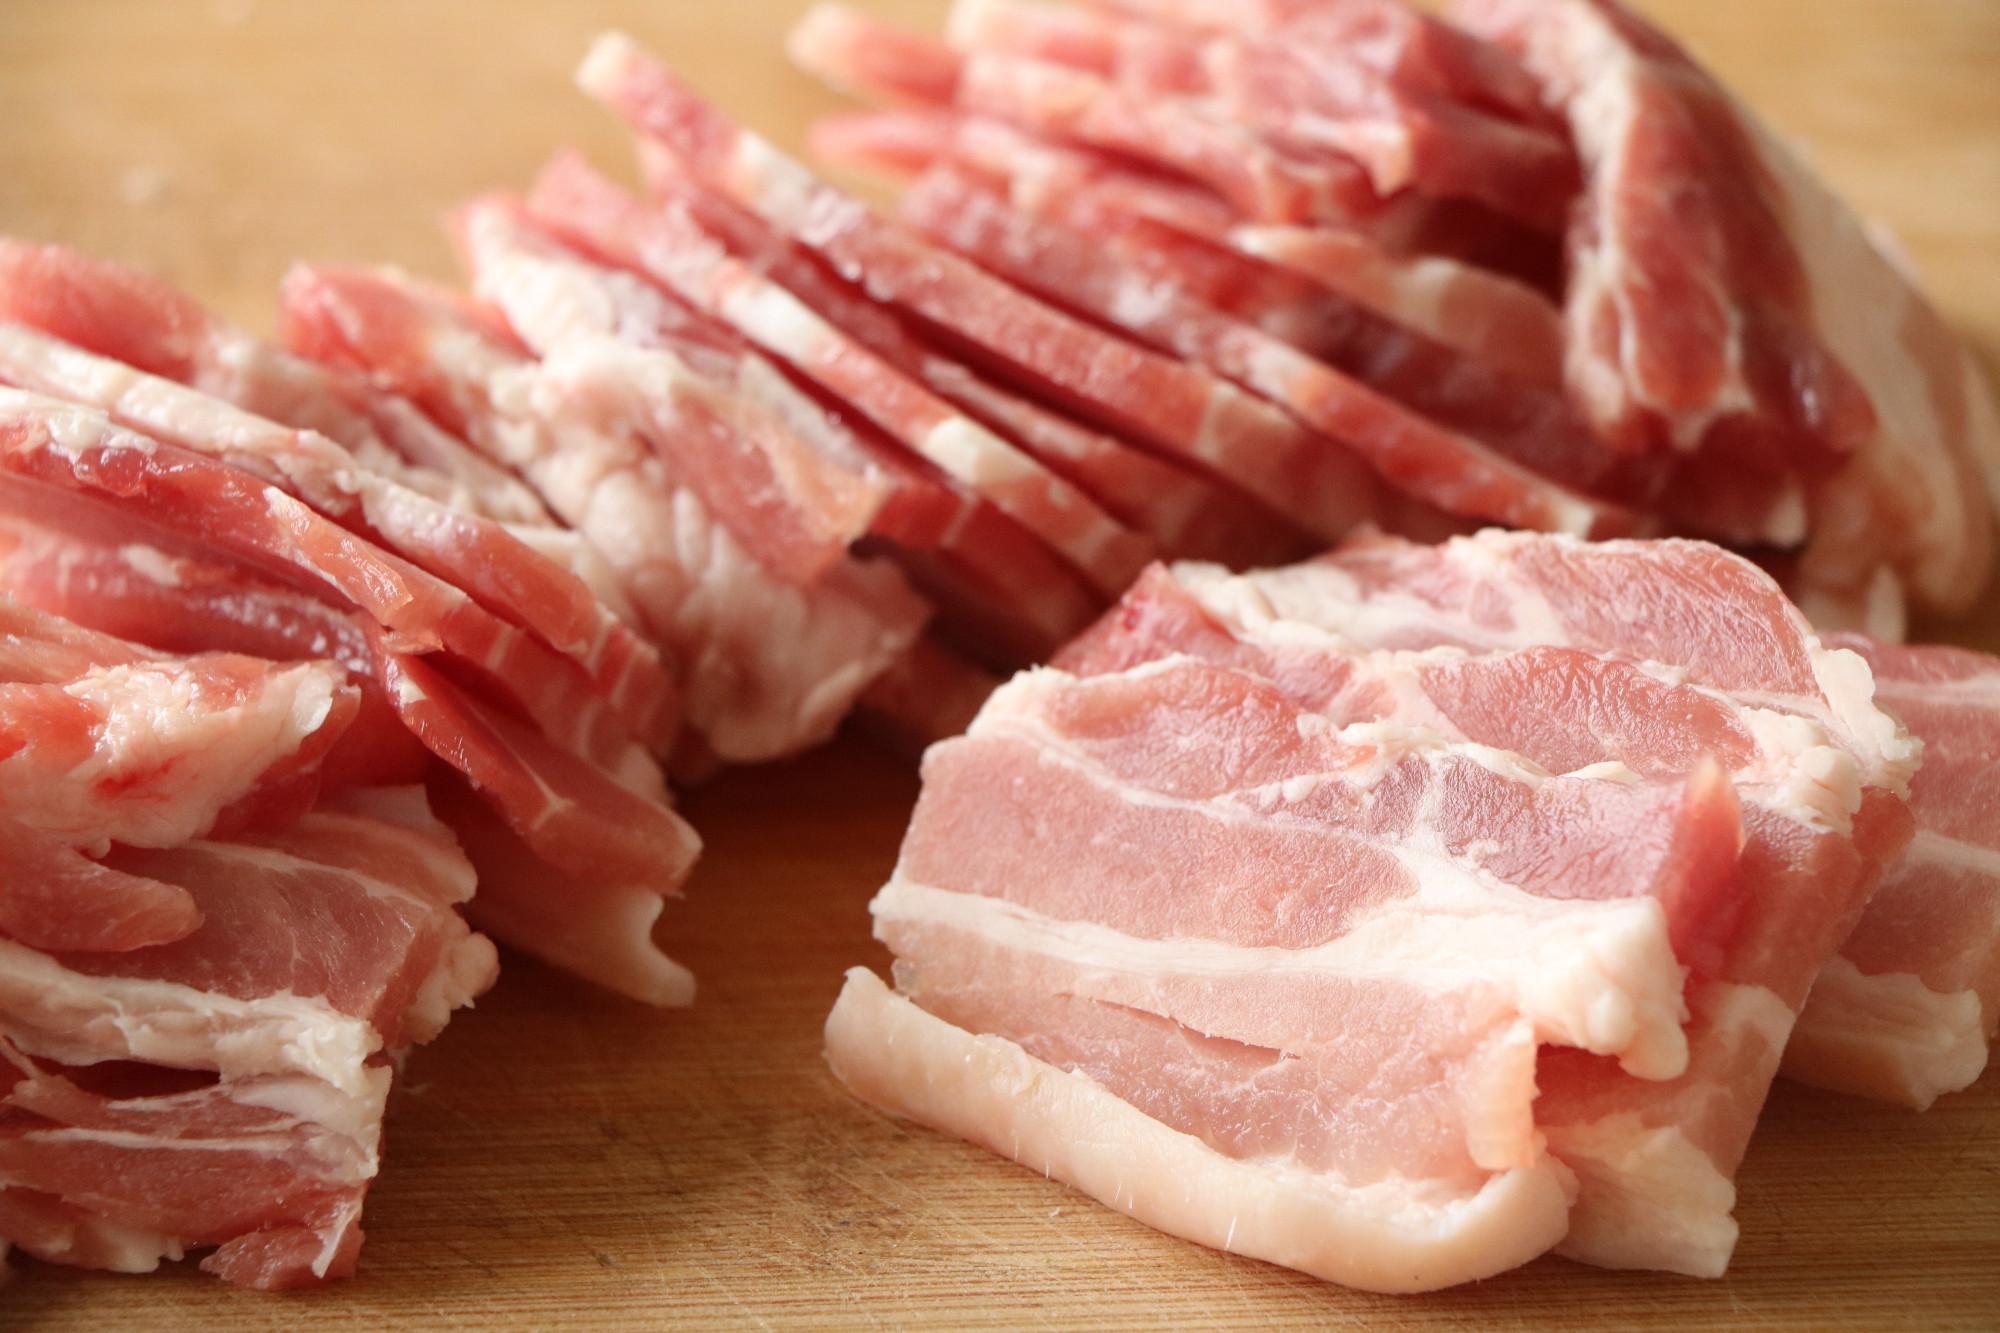 五花肉加上半碗大米,這樣吃不加一滴油,蒸一蒸,好吃不油膩